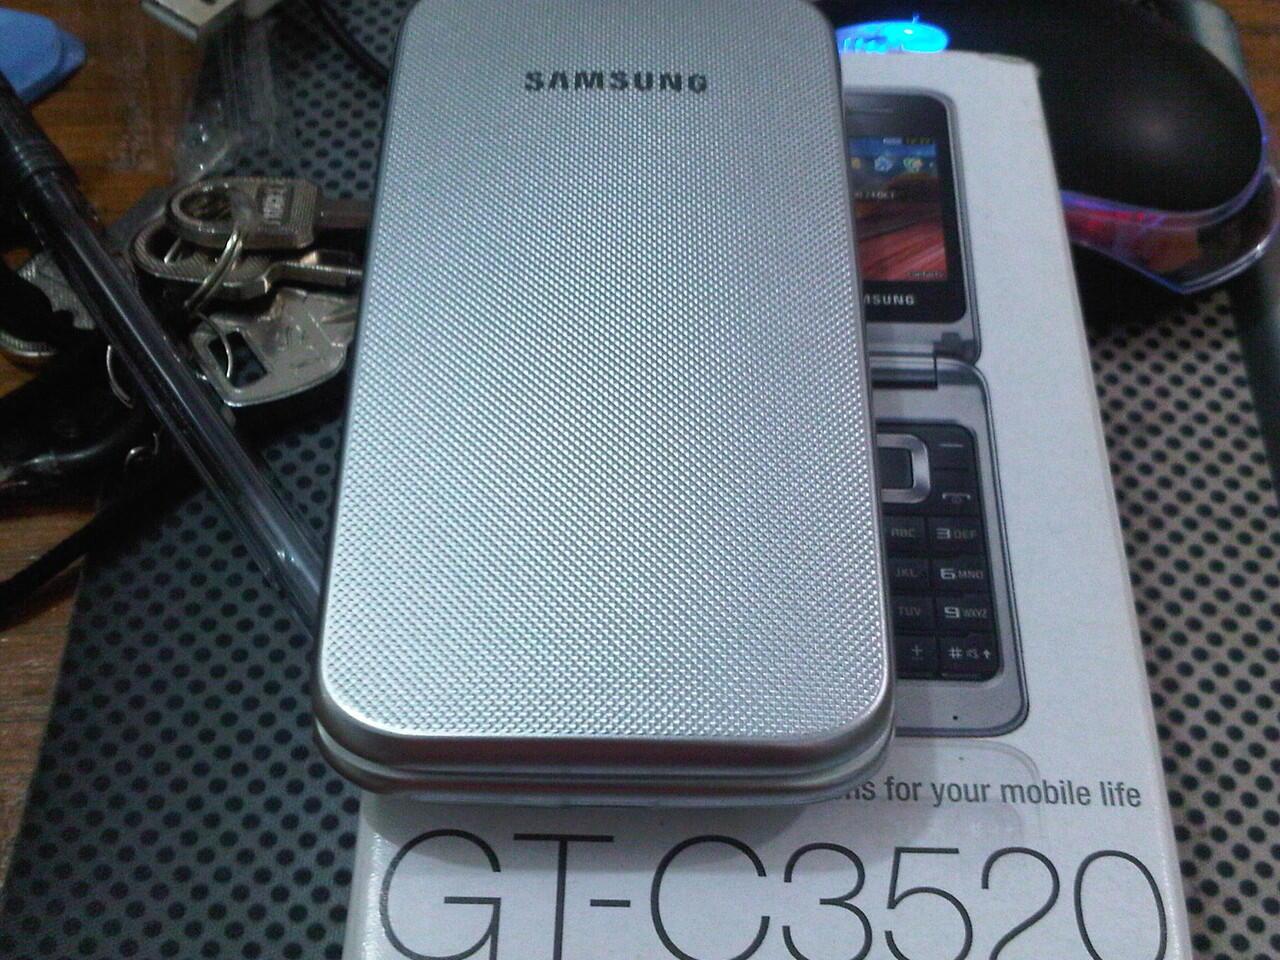 Terjual Samsung Flip Gt C3520 Silver Pontianak Kaskus Zoe Waterproof Bag Case Biru Terlengkap